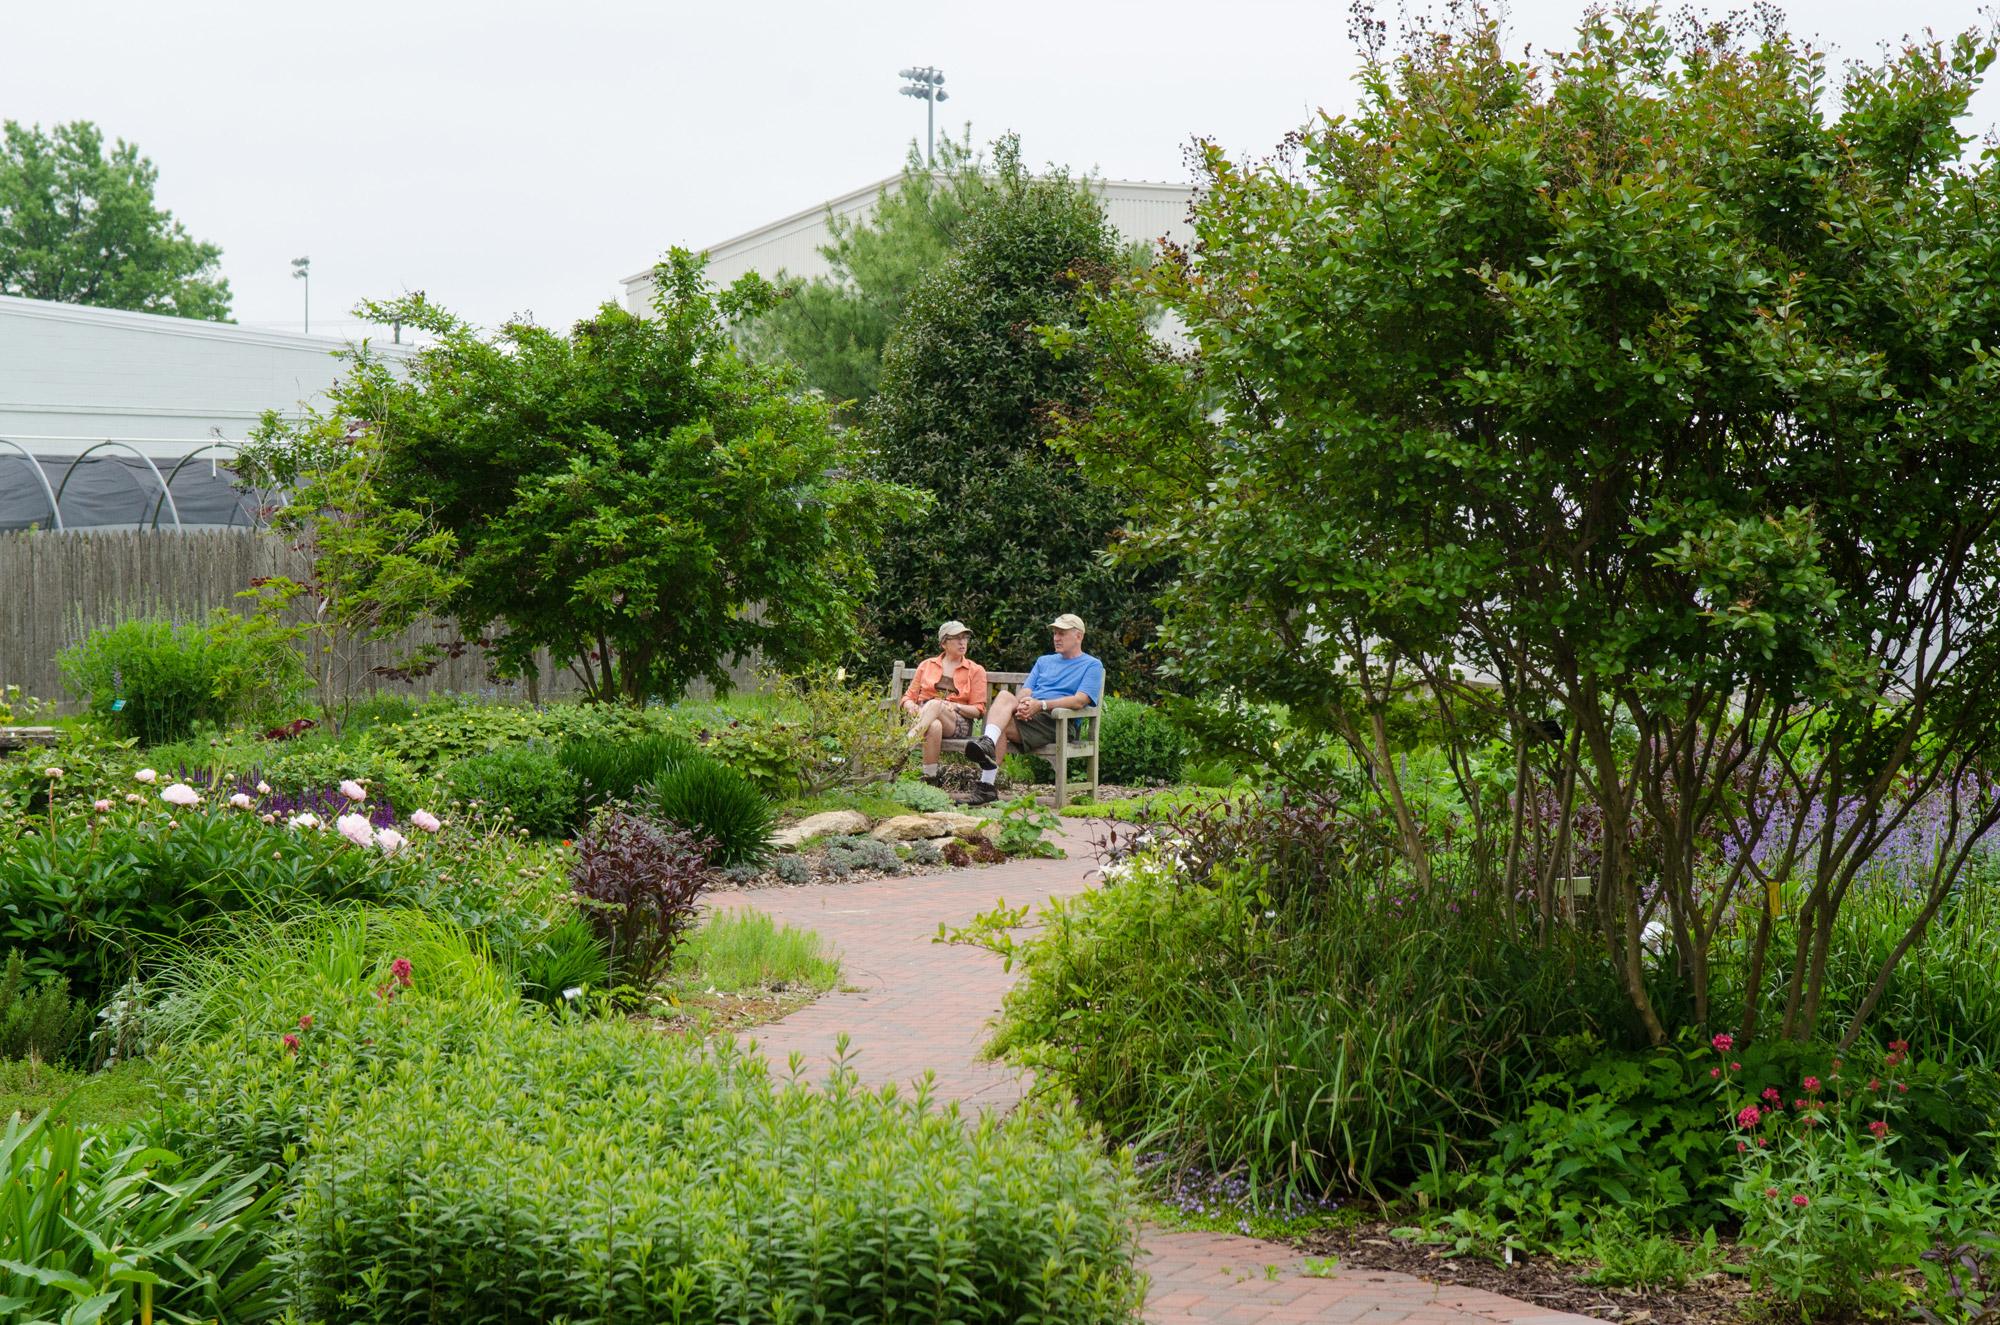 University of Delaware Botanic Gardens